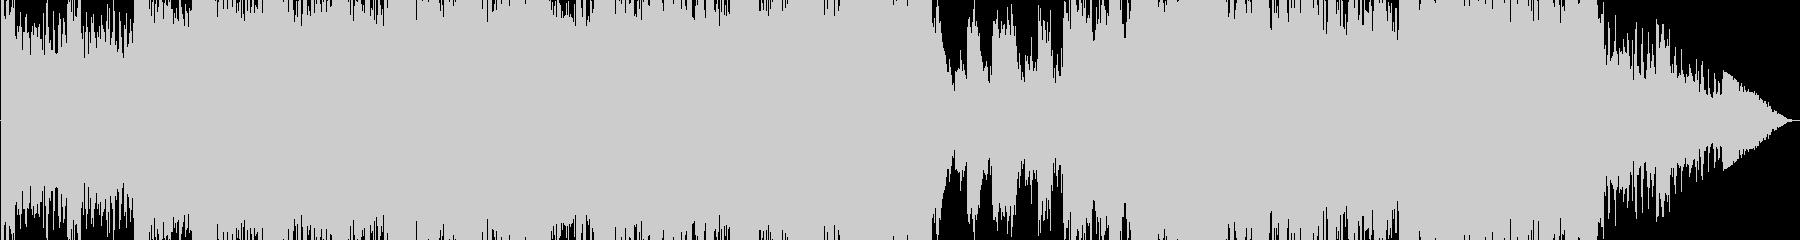 重厚感のあるオーケストラ曲の未再生の波形